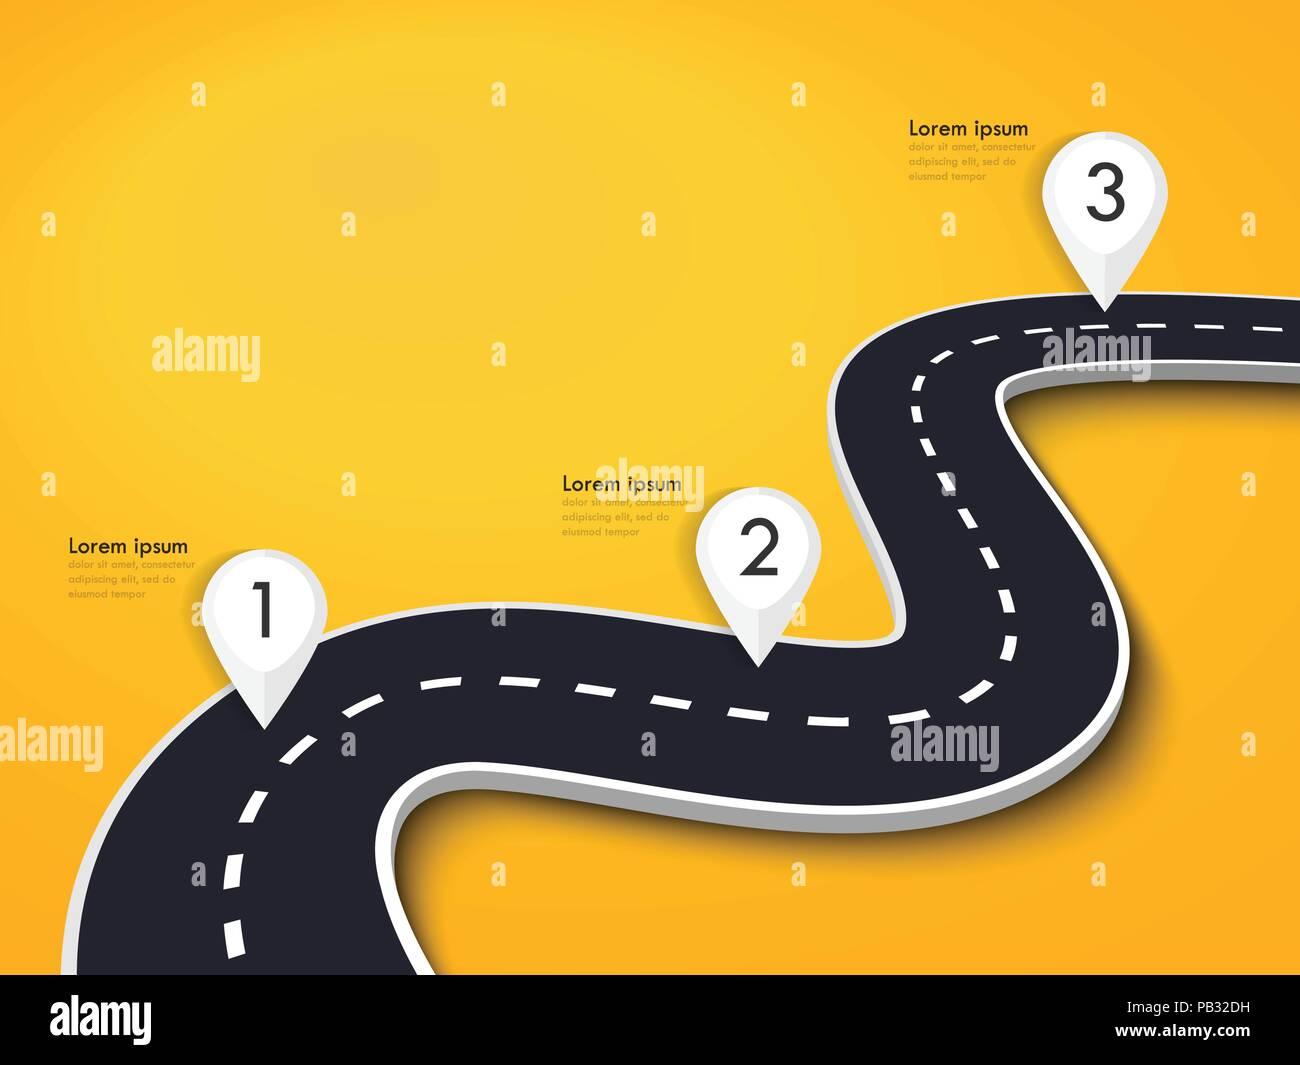 Kurvenreiche Straße auf einen farbigen Hintergrund. Straße Ort Infografik Vorlage mit Pin Pointer. Vector EPS 10. Stockbild